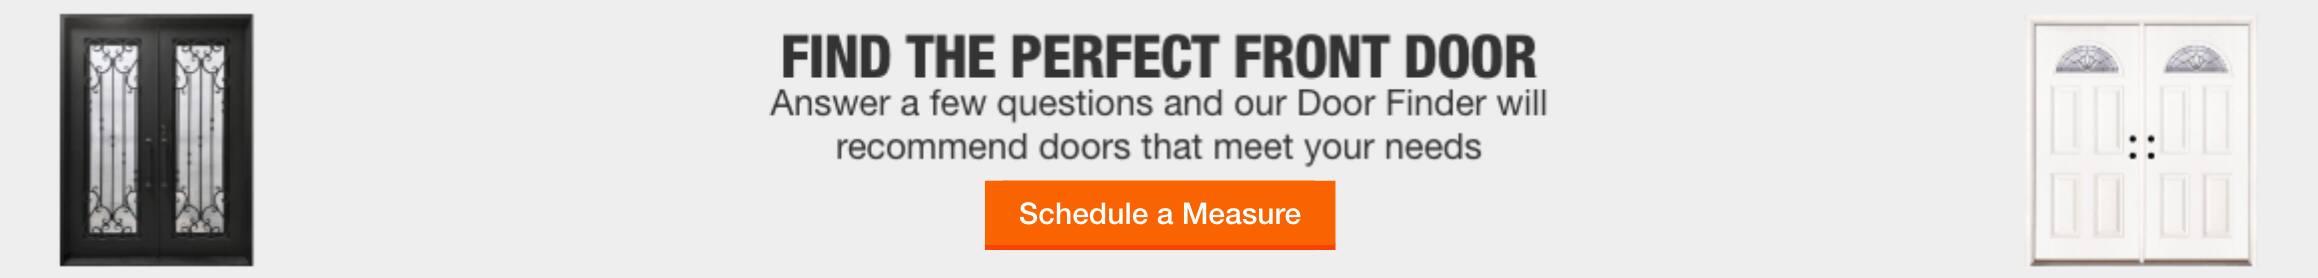 Find Perfect Front Door